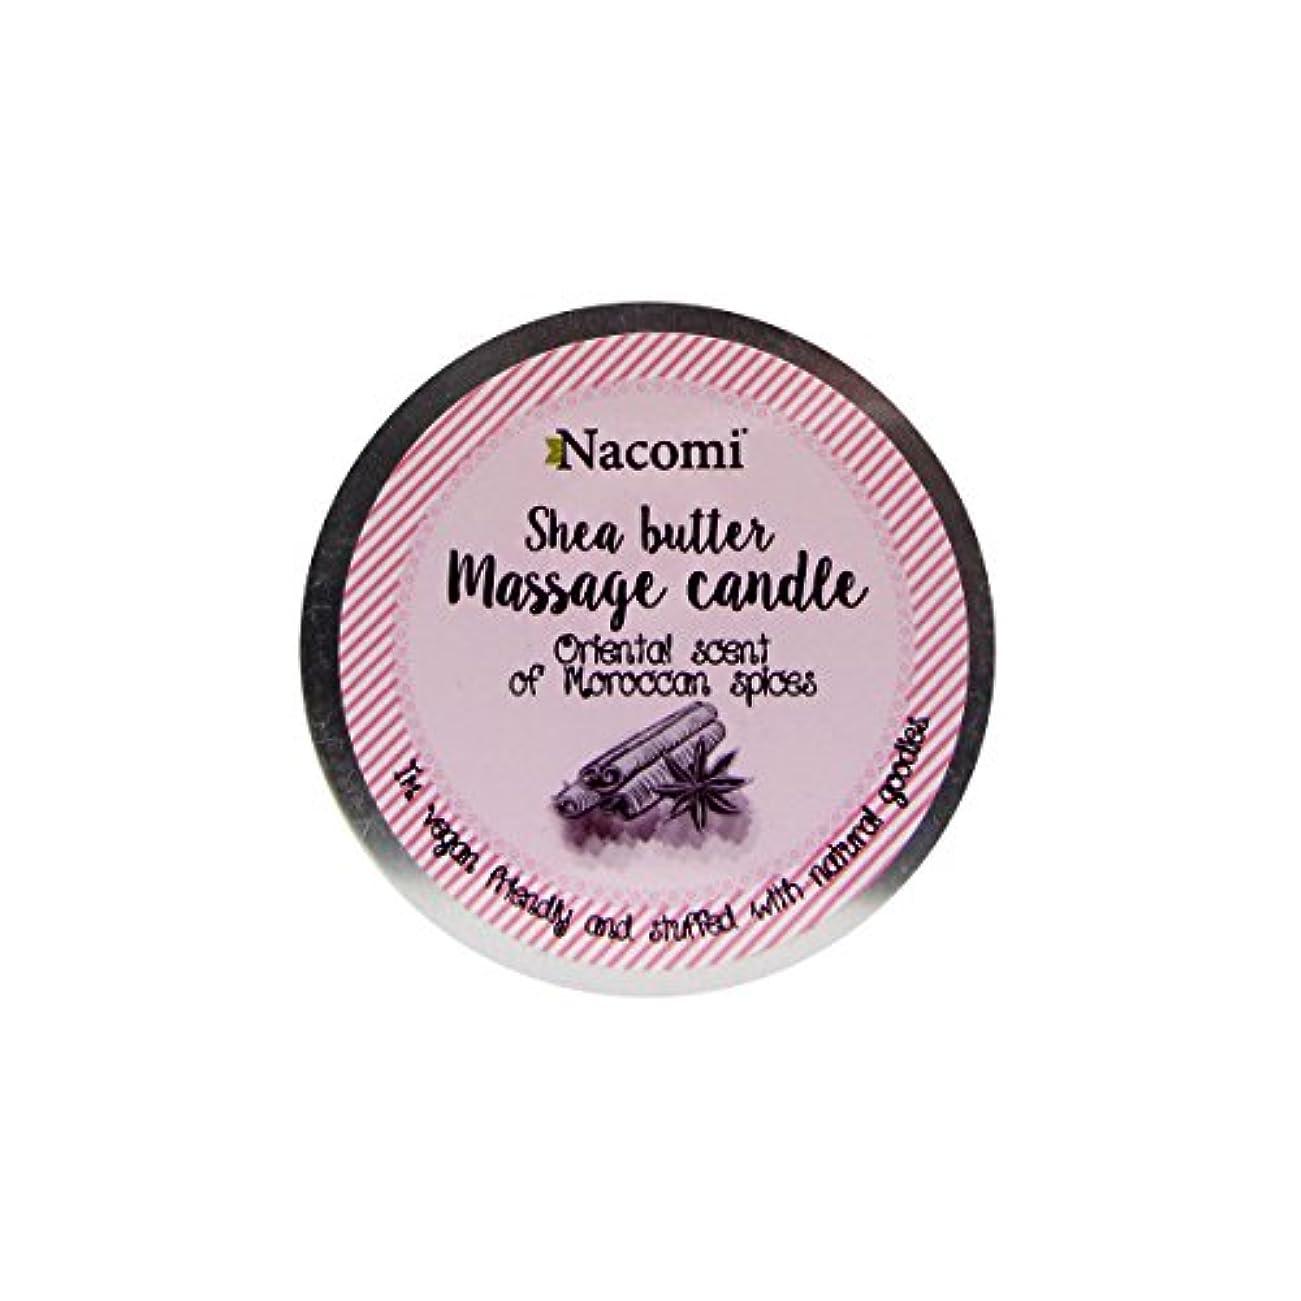 いつ熟読夕暮れNacomi Shea Butter Massage Candle Oriental Scent Of Moroccan Spices 150g [並行輸入品]